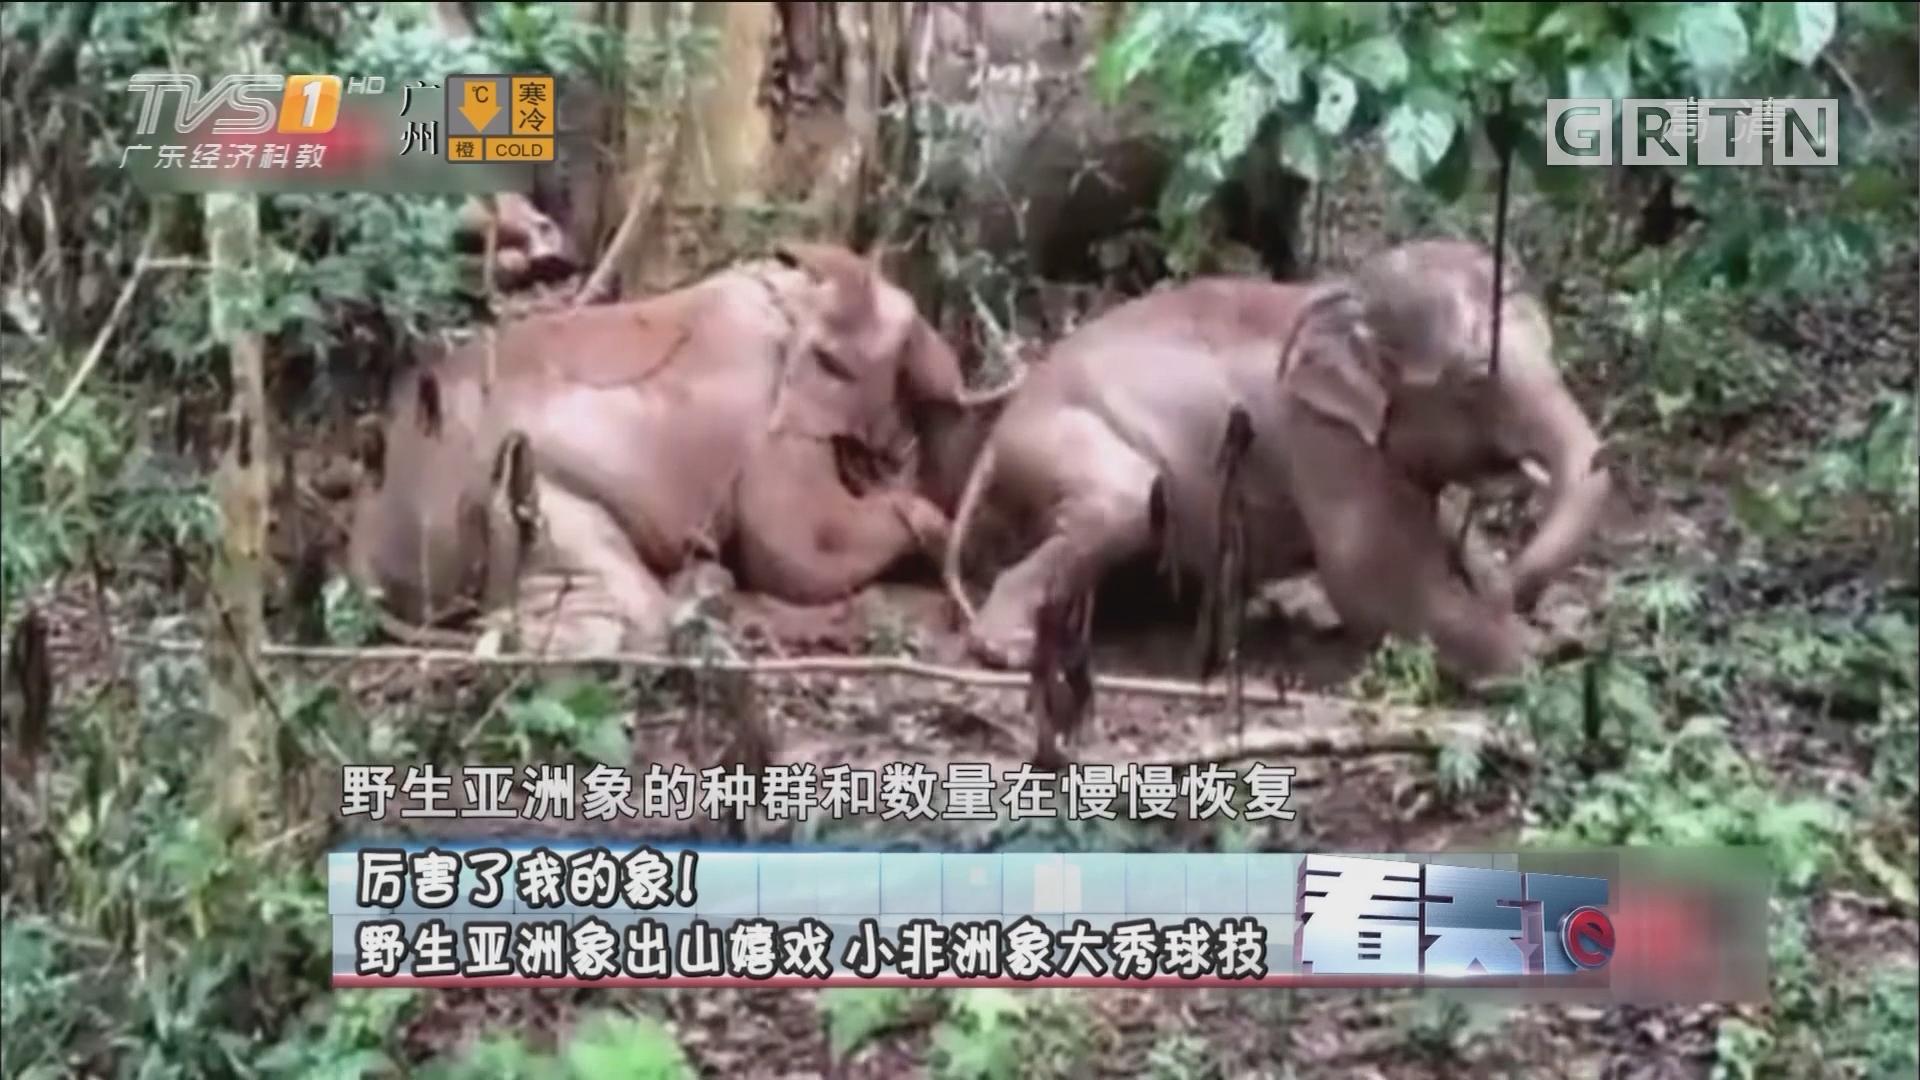 [HD][2018-01-08]看天下:厉害了我的象!野生亚洲象出山嬉戏 小非洲象大秀球技